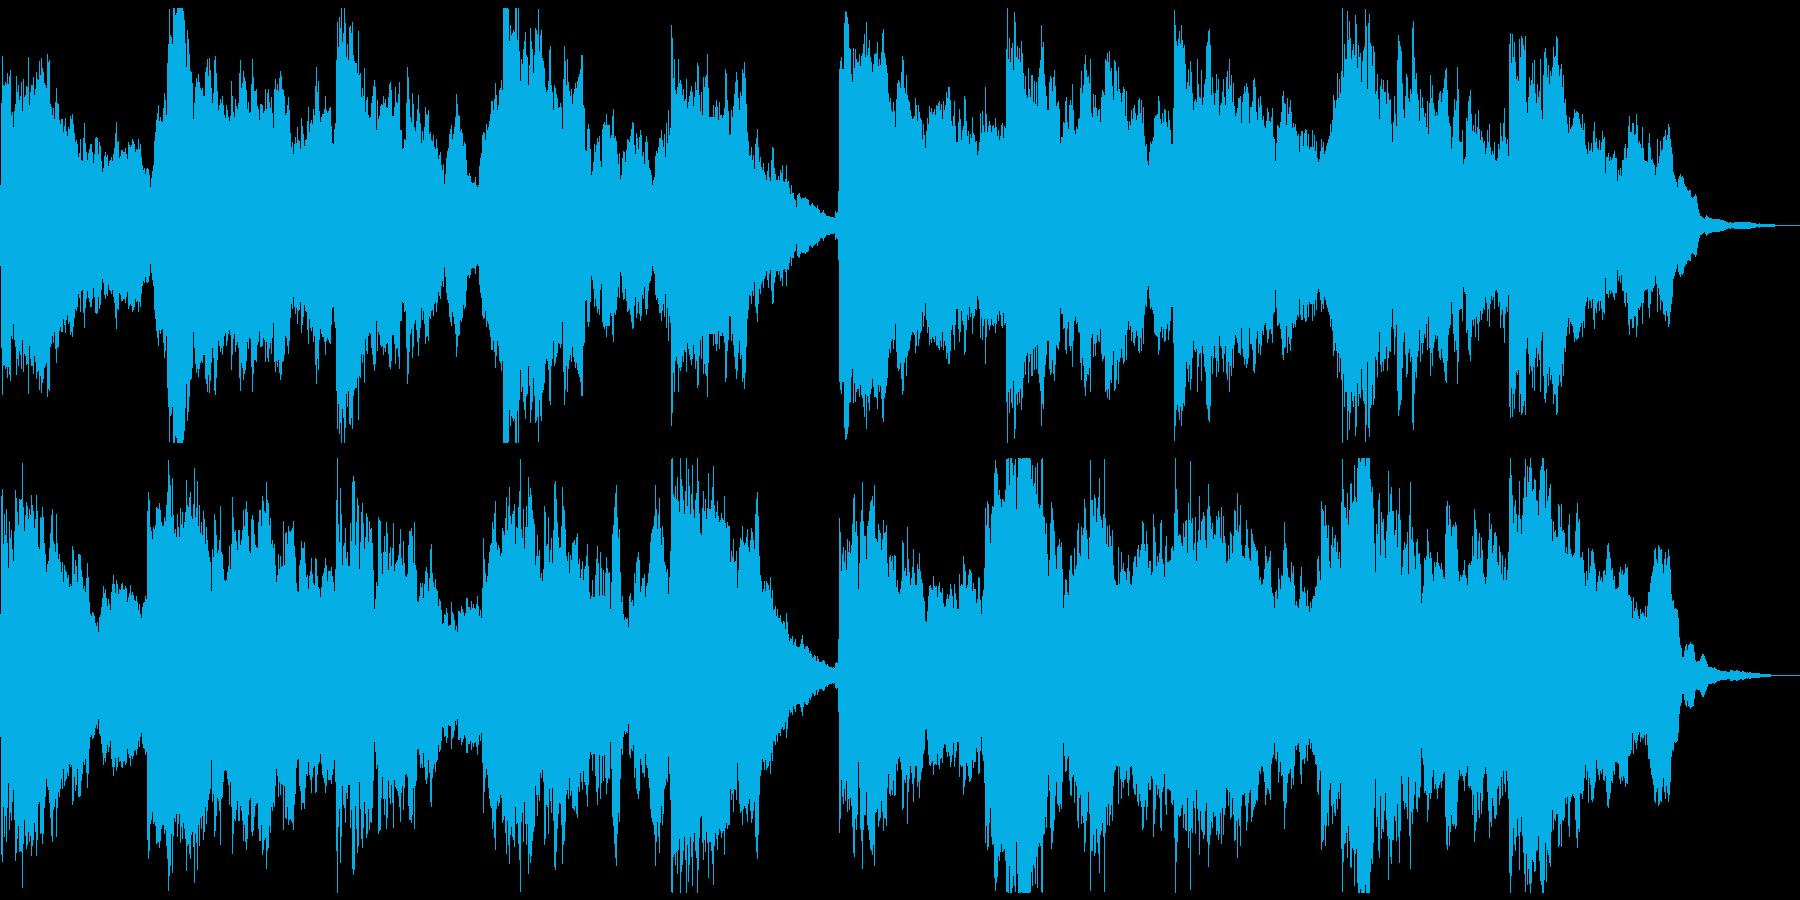 ギターハーモニクスの真剣な雰囲気の劇伴aの再生済みの波形